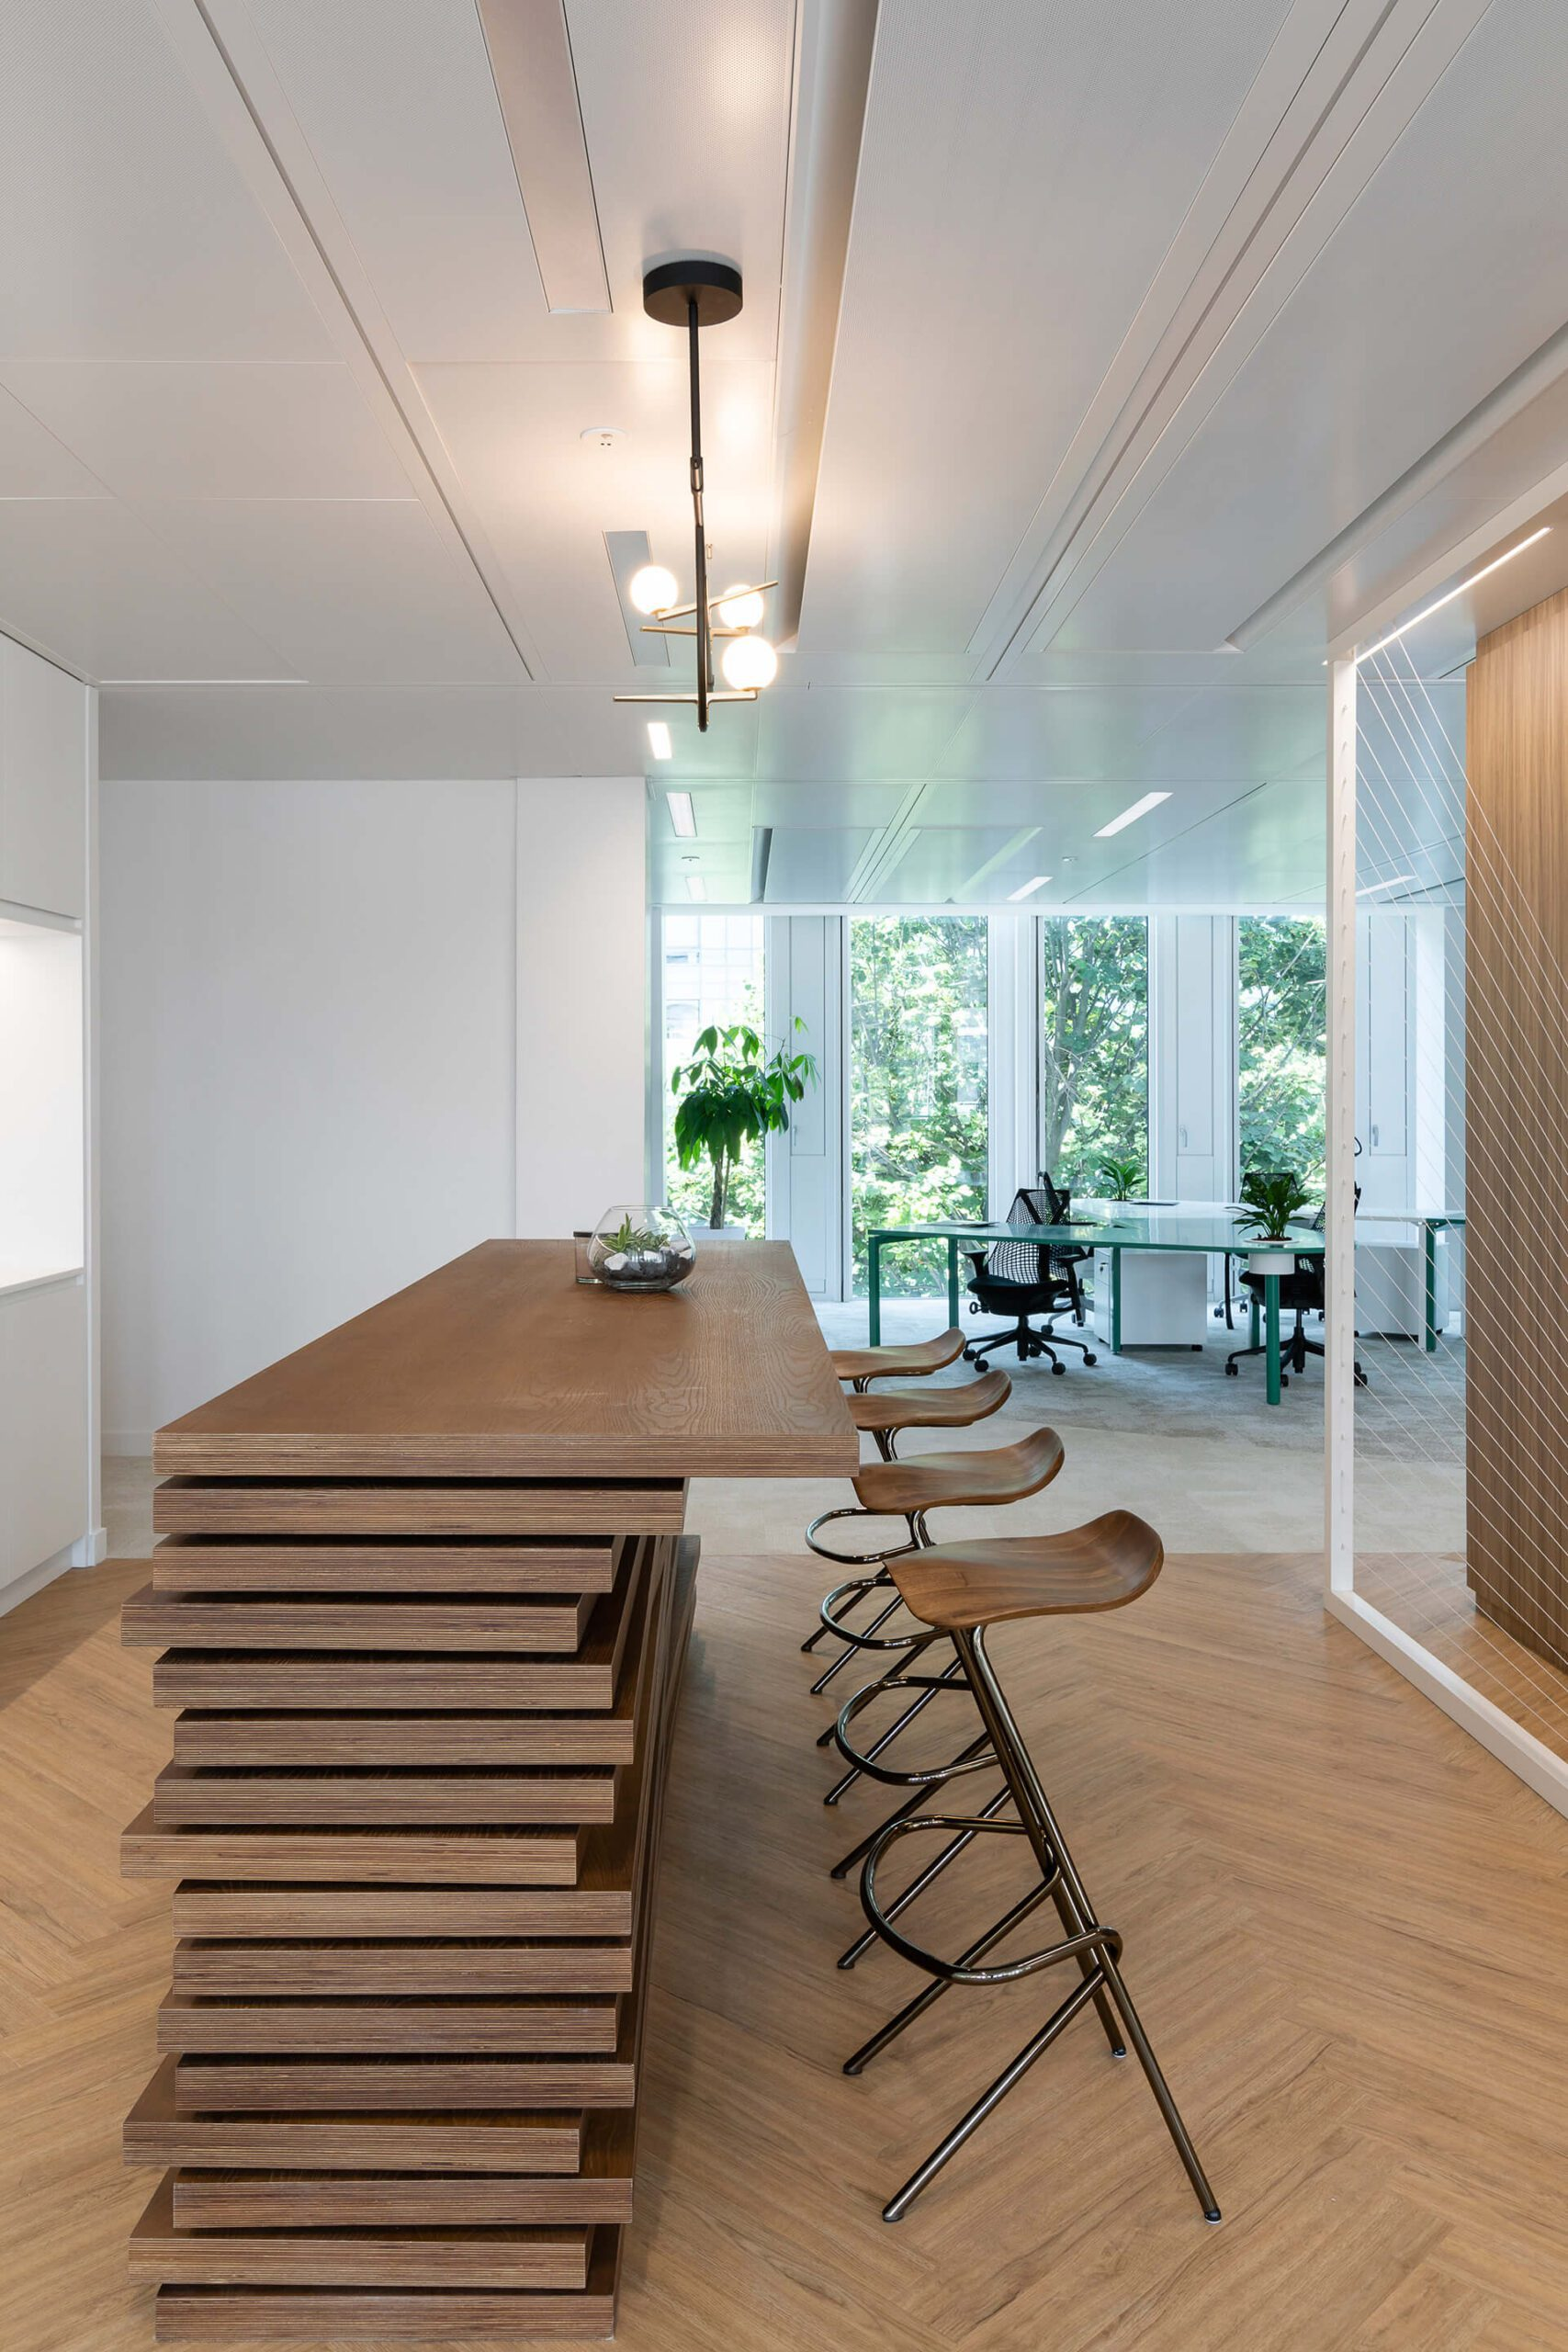 Placas de madeira tratada empilhadas para construção de balcão em espaço de cozinha